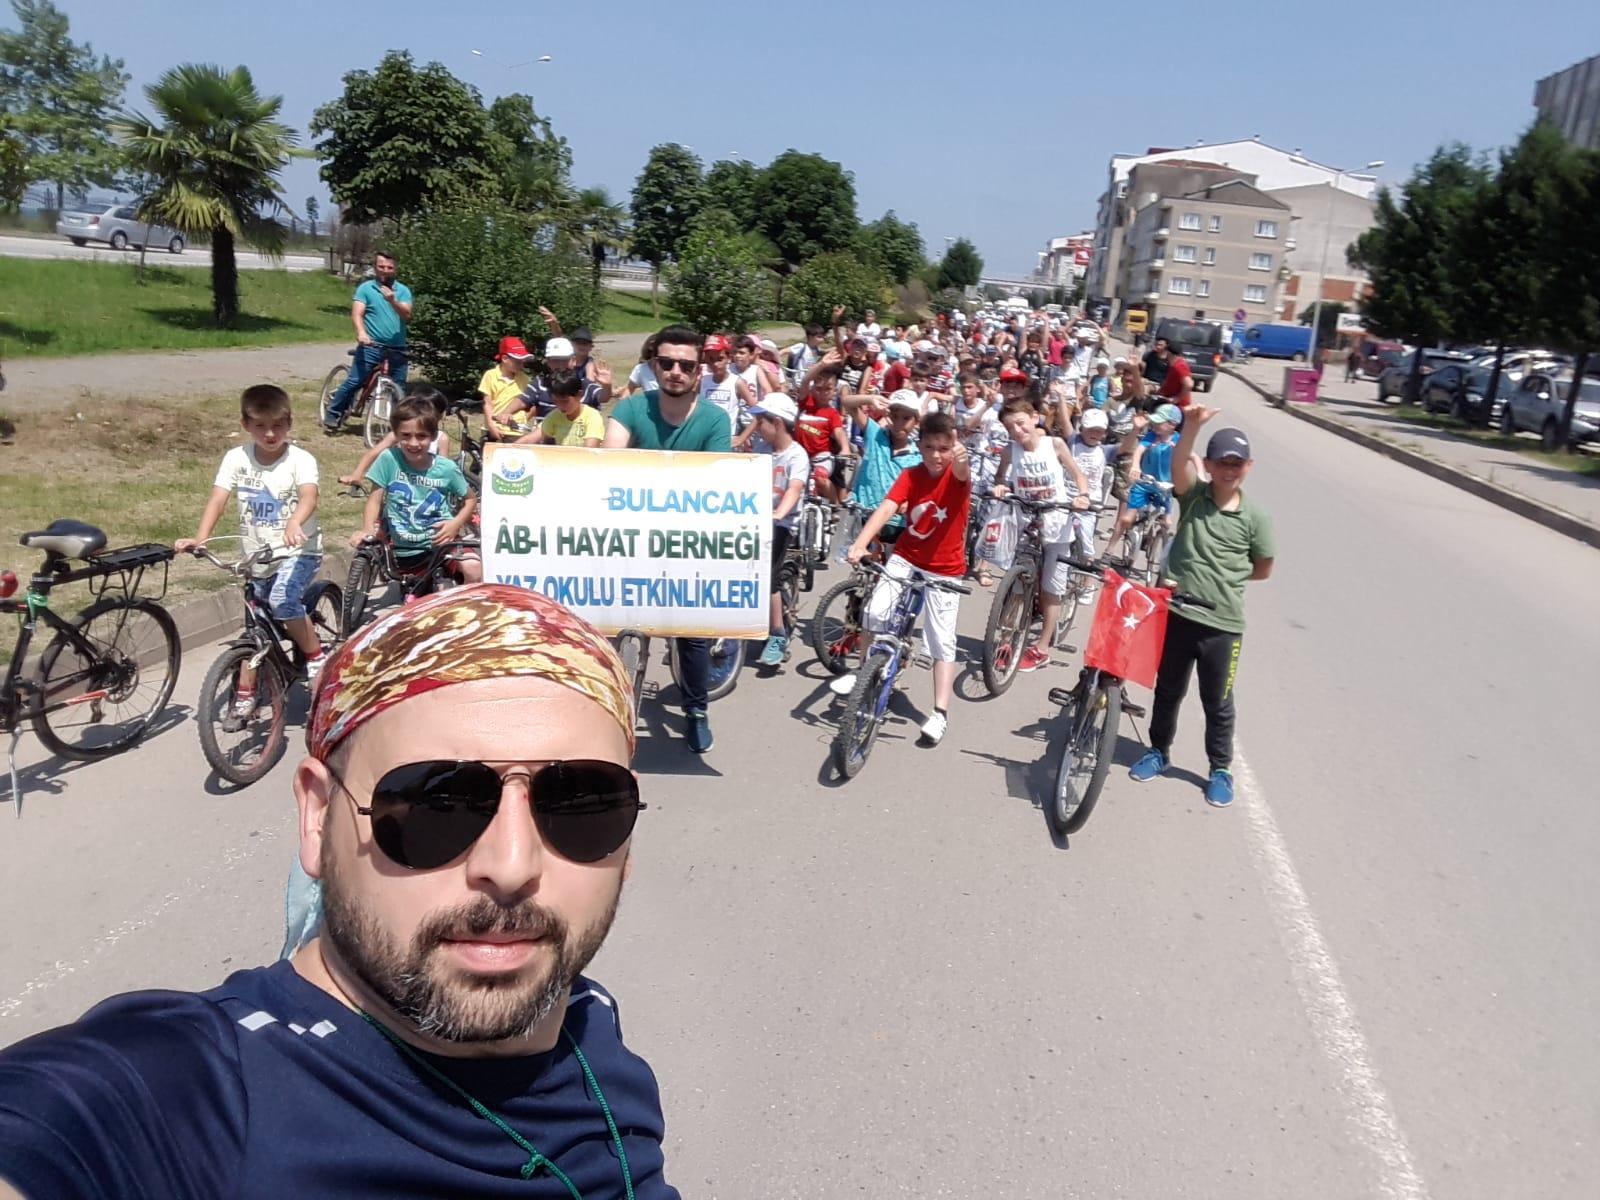 Bulancak'ta 15 Temmuz Şehitleri için Bisiklet Turu